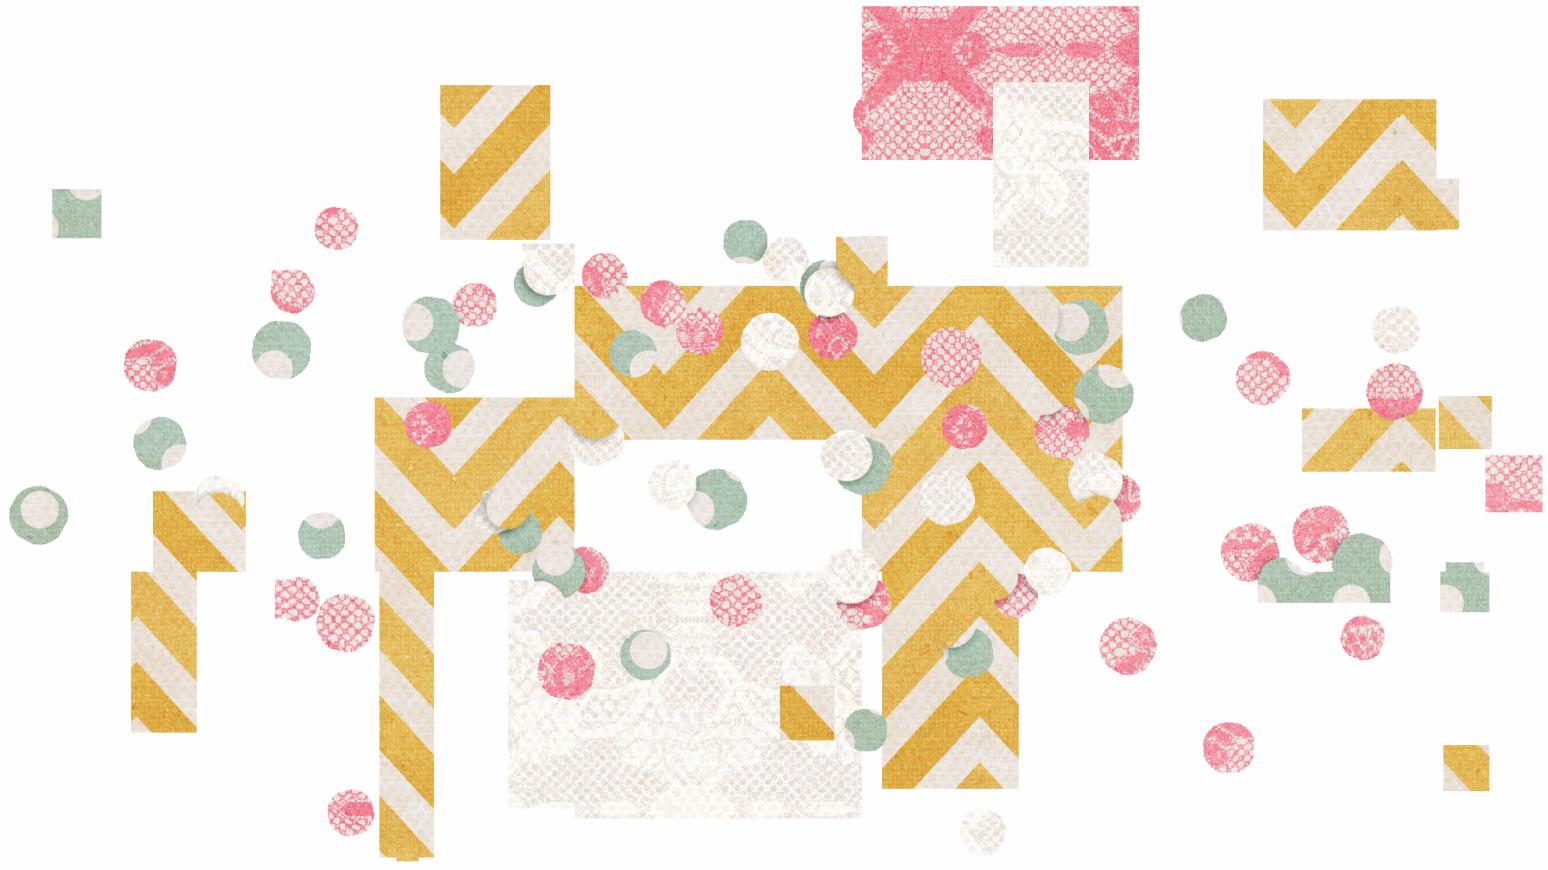 Glitter clipart wedding confetti, Glitter wedding confetti.